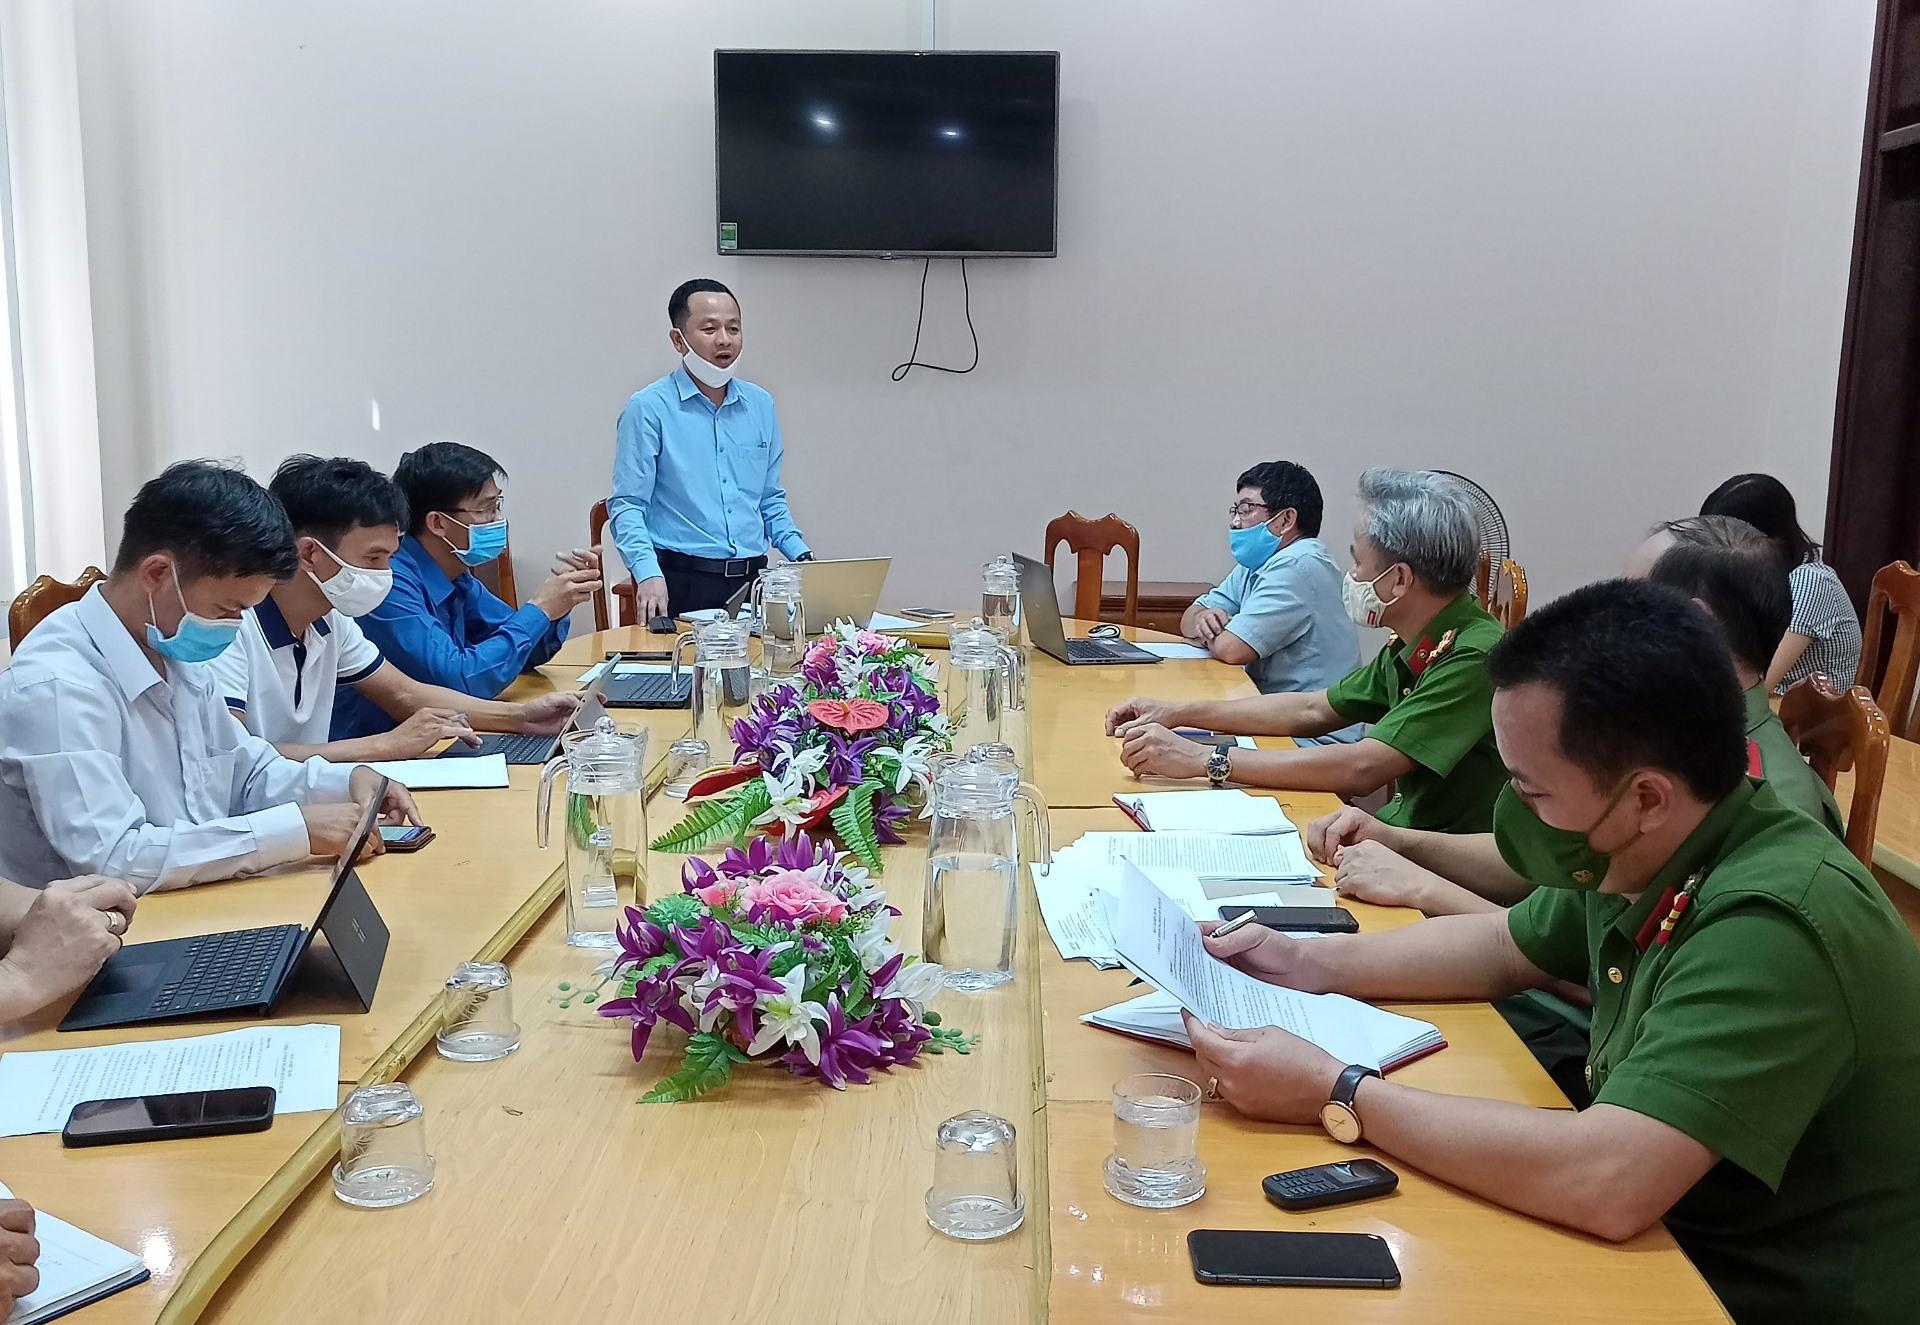 UBND huyện Núi Thành họp thông qua phương án sửa chữa, nâng cấp hệ thống camera an ninh. Ảnh: VĂN PHIN